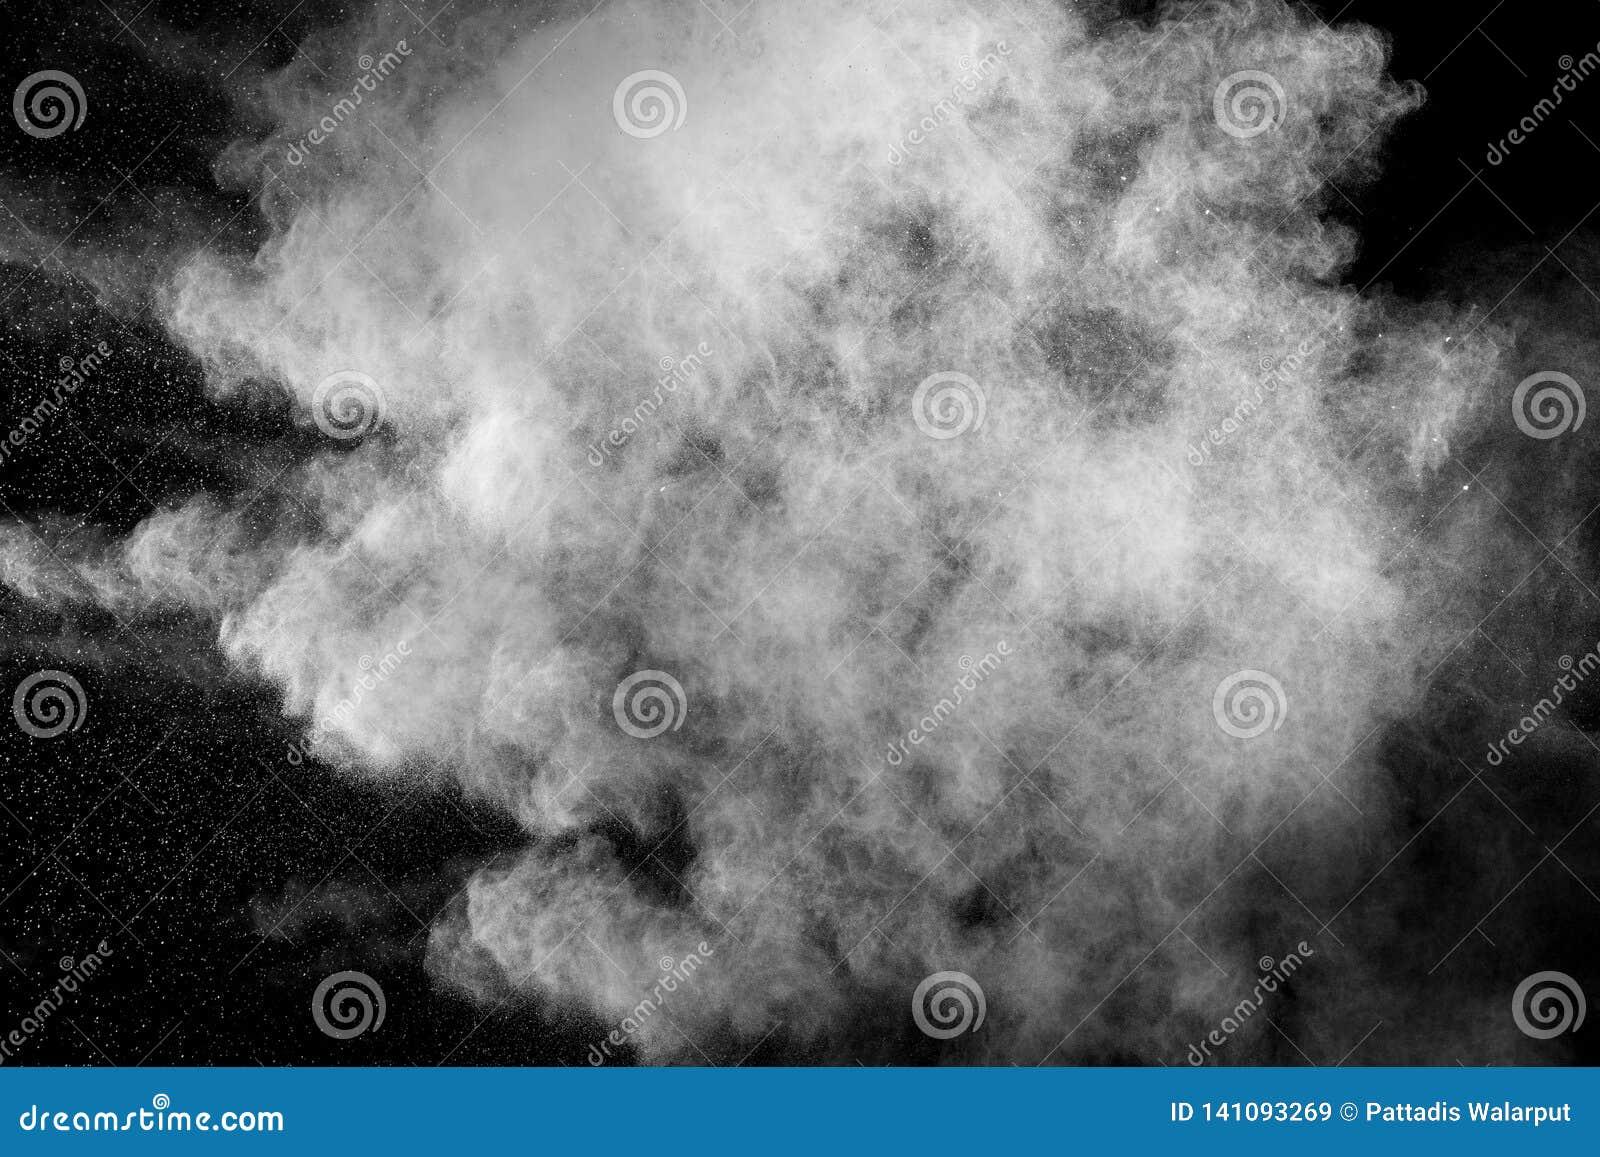 Het witte stof ademt in de lucht uit De nevel van het motiepoeder die op donkere achtergrond is gebarsten